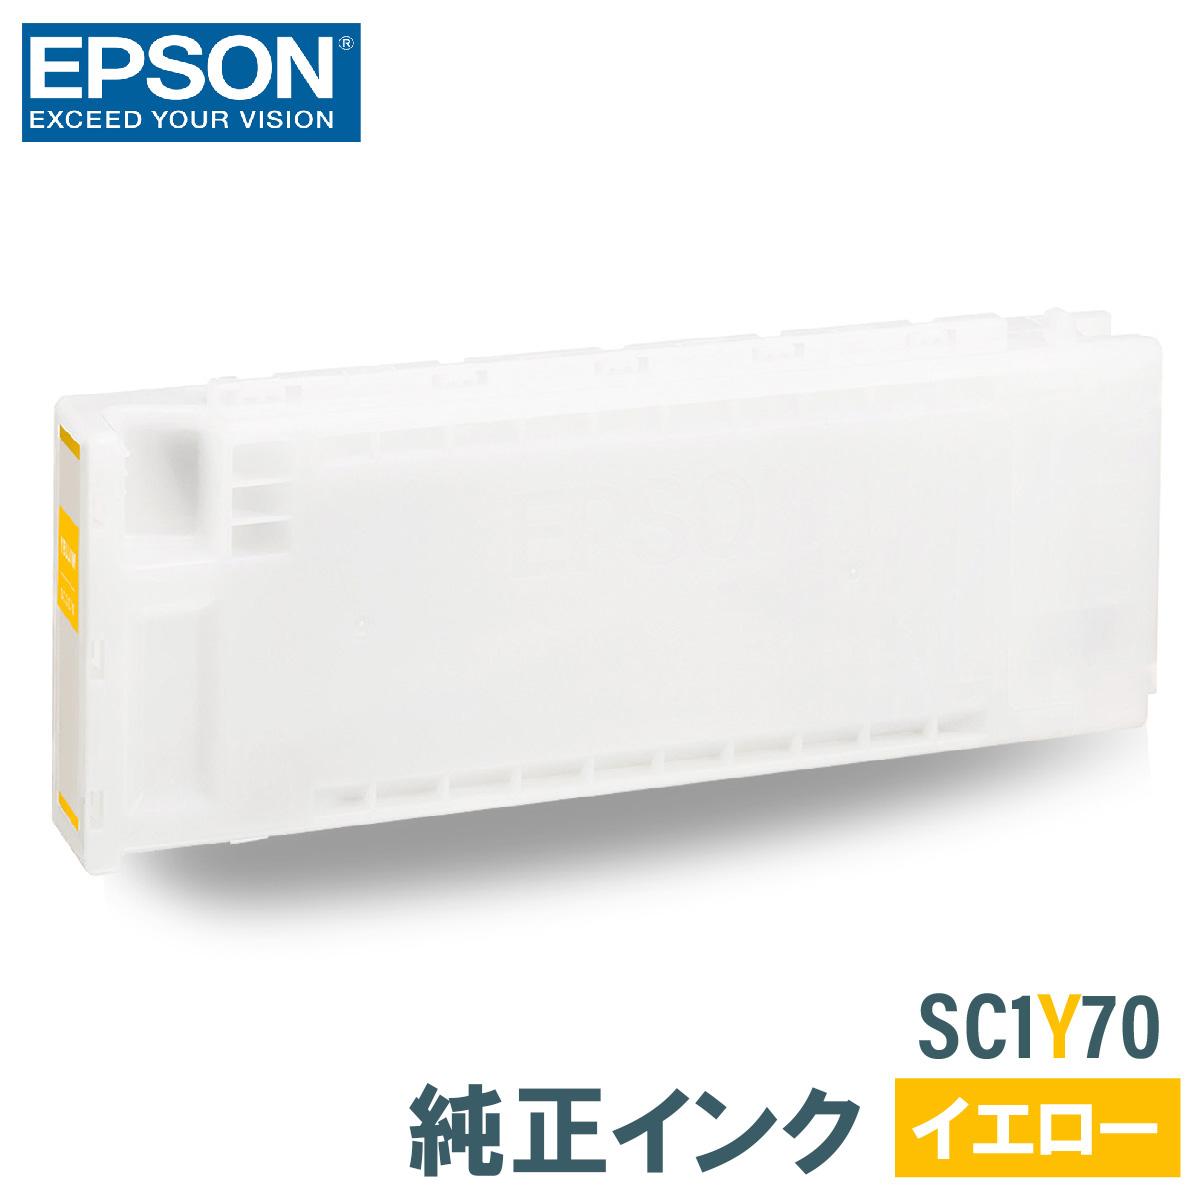 エプソン 純正インク EPSON SC1Y70 イエロー 700ml